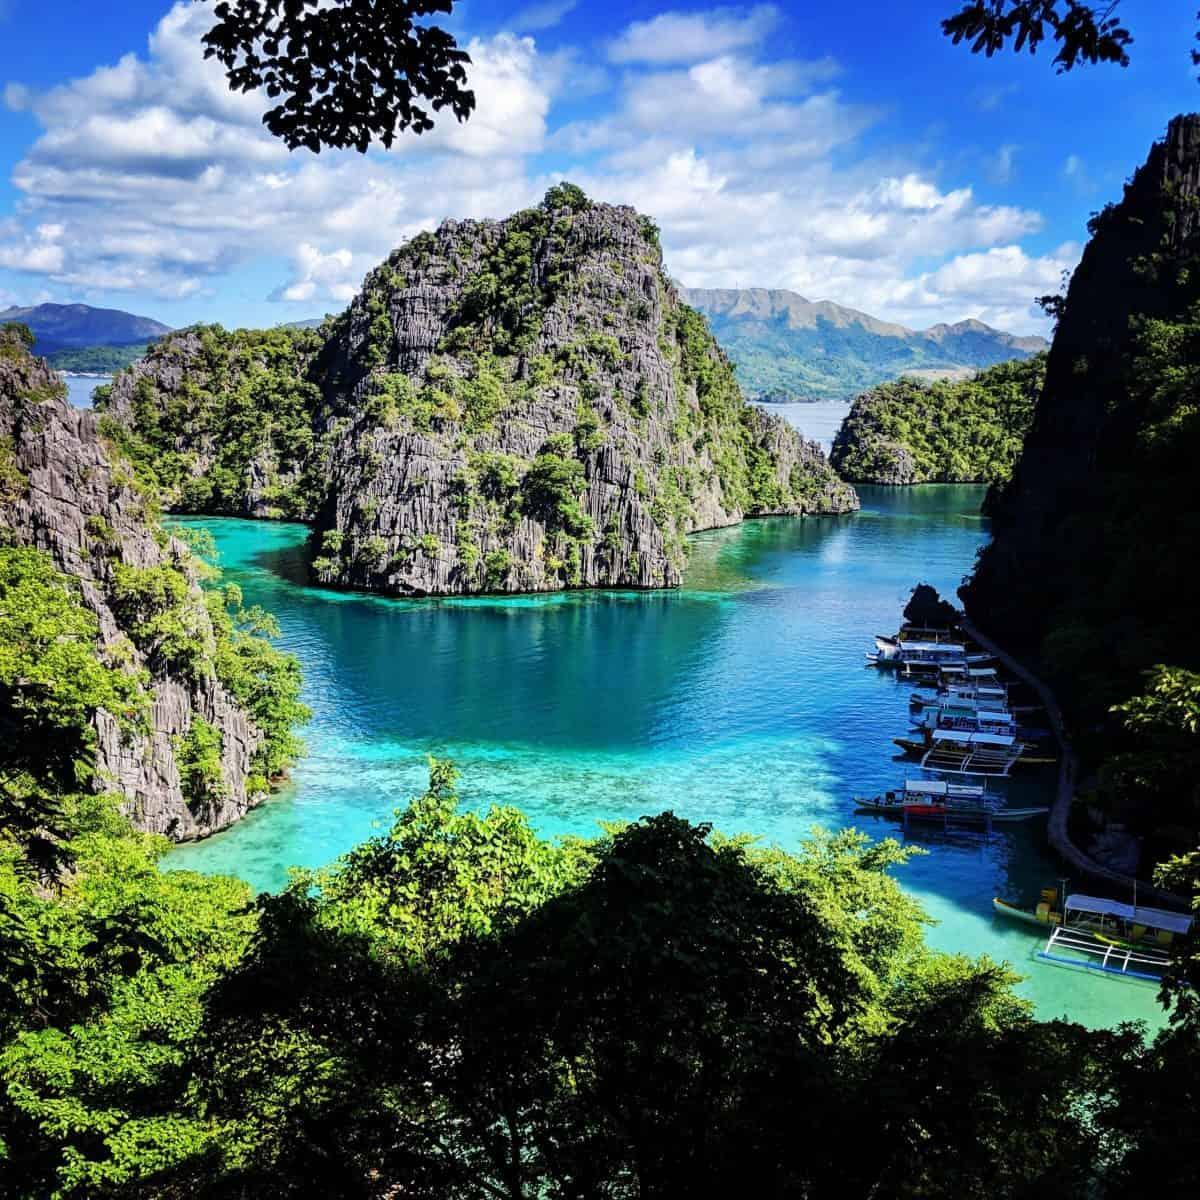 Nuotare liberamente nelle acque dell'arcipelago Filippino